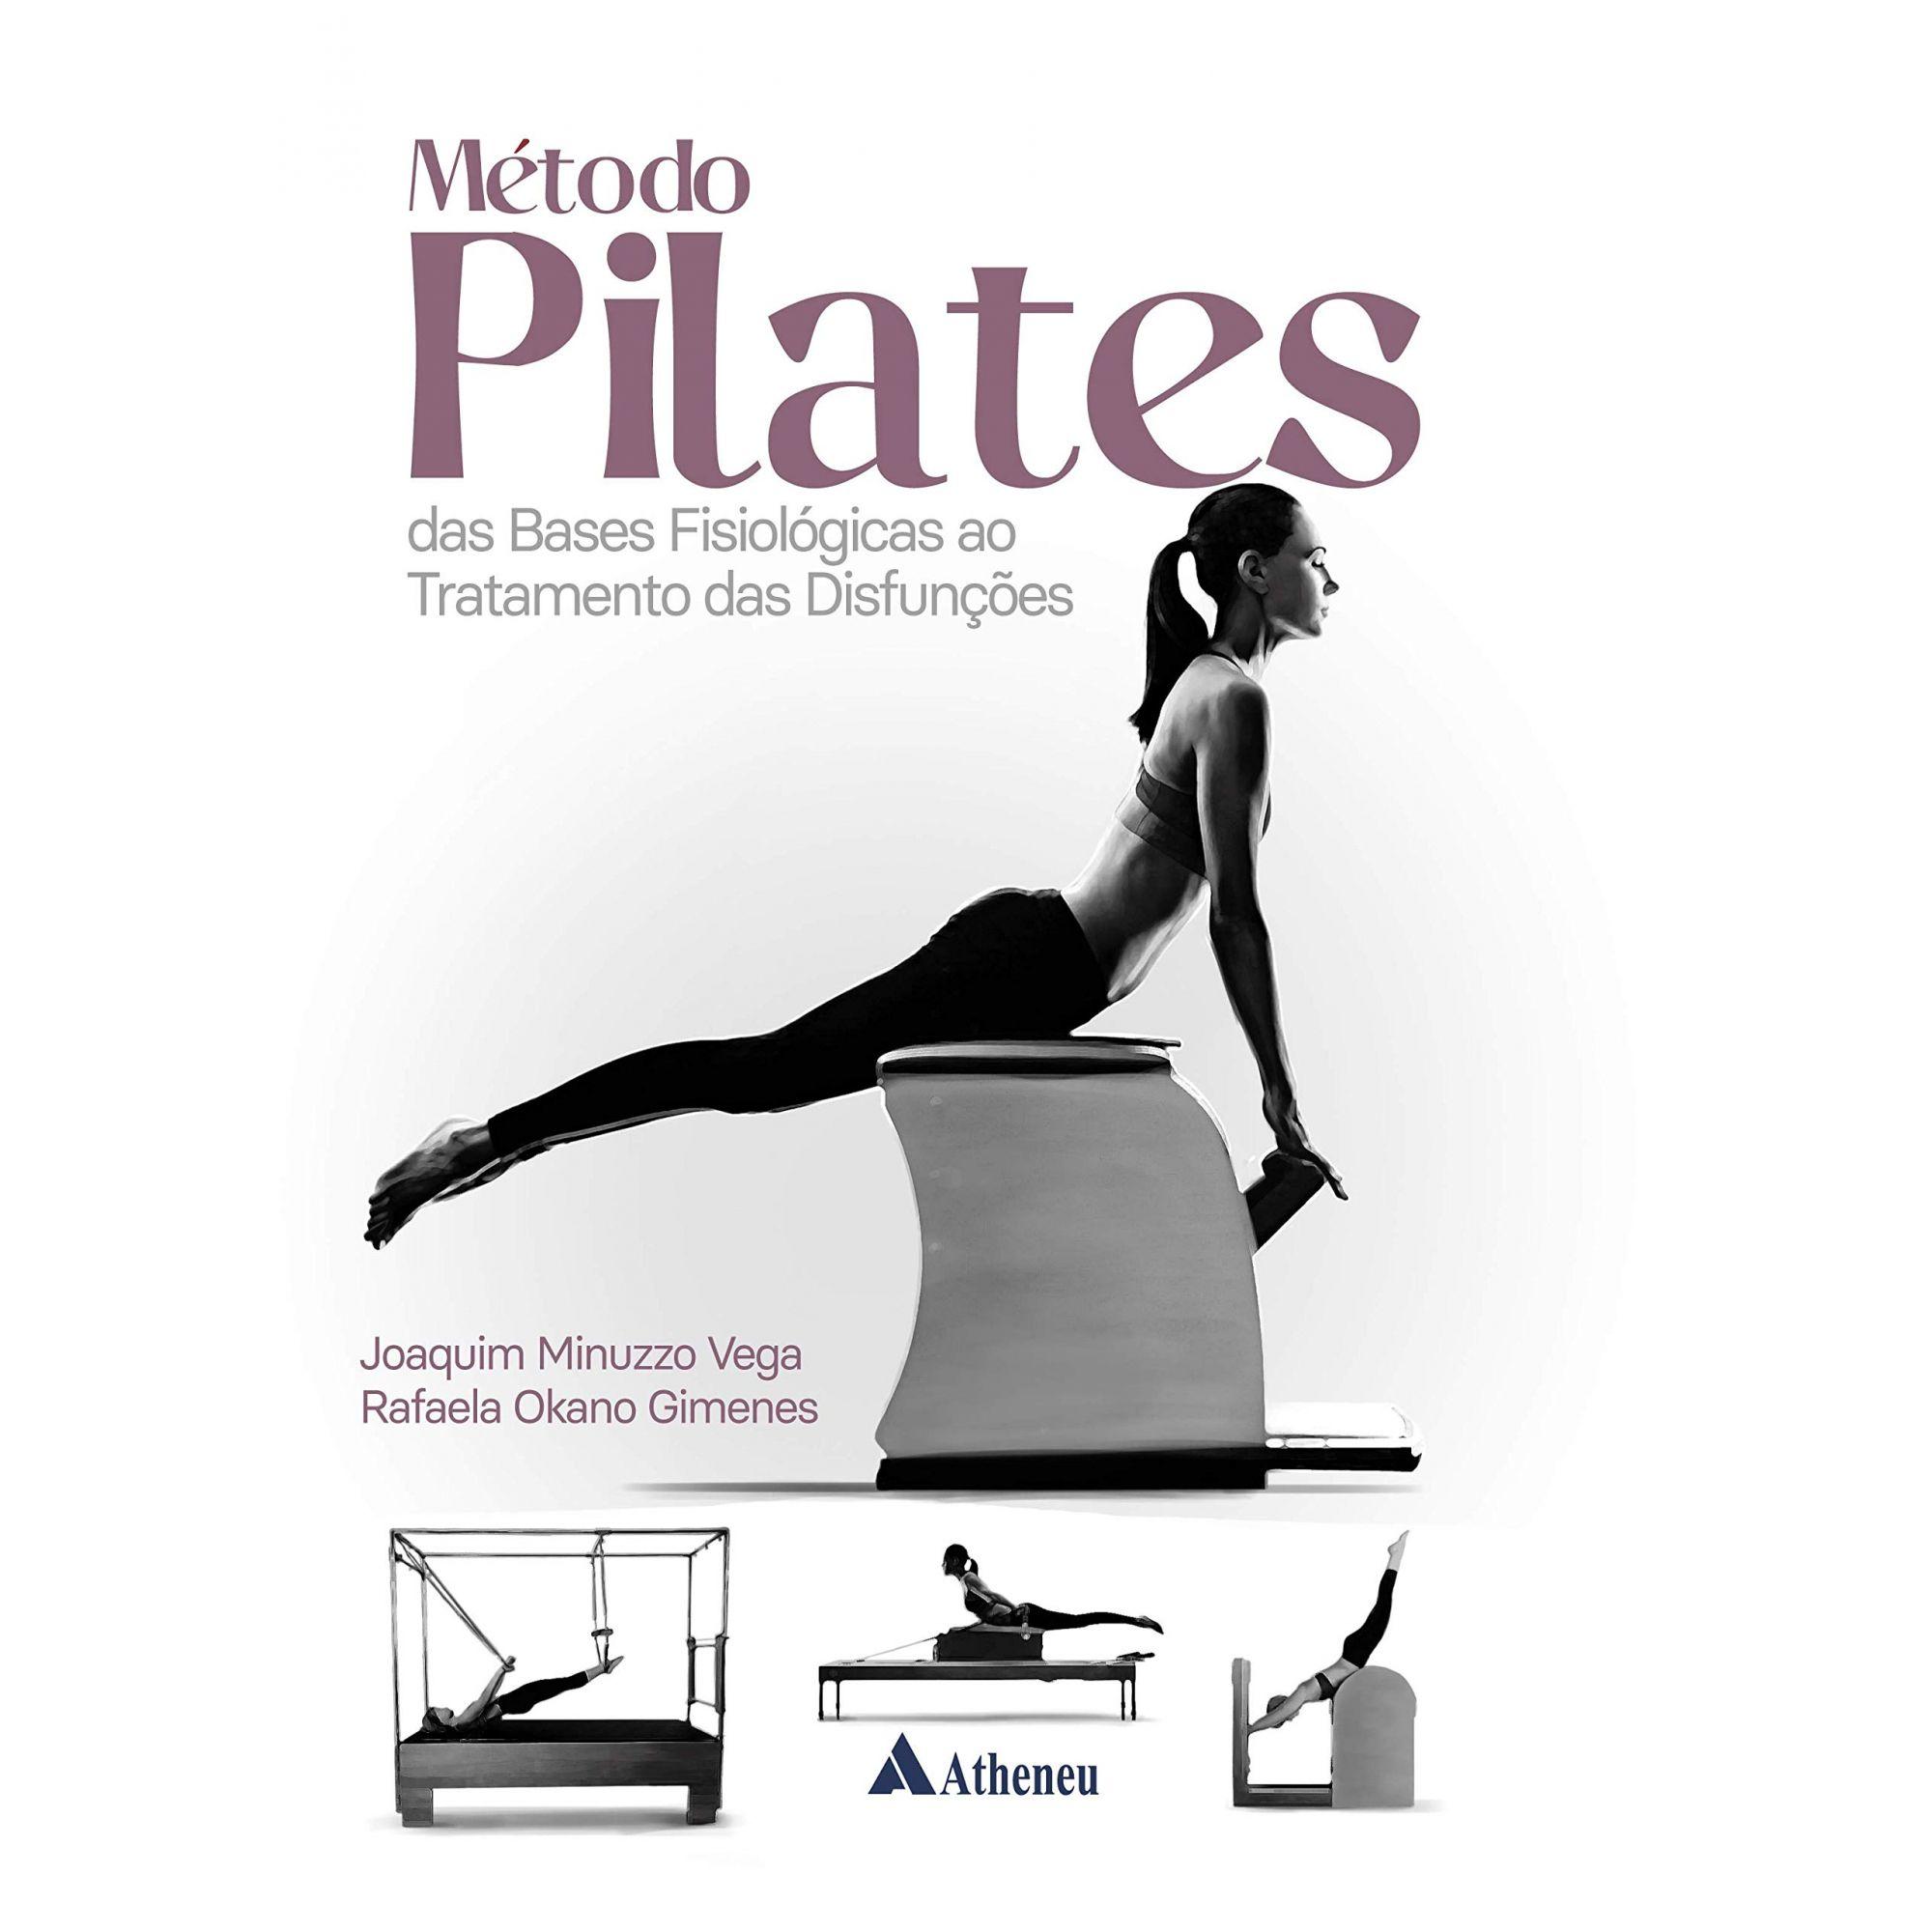 Método Pilates: das Bases Fisiopatológicas ao Tratamento das Disfunções